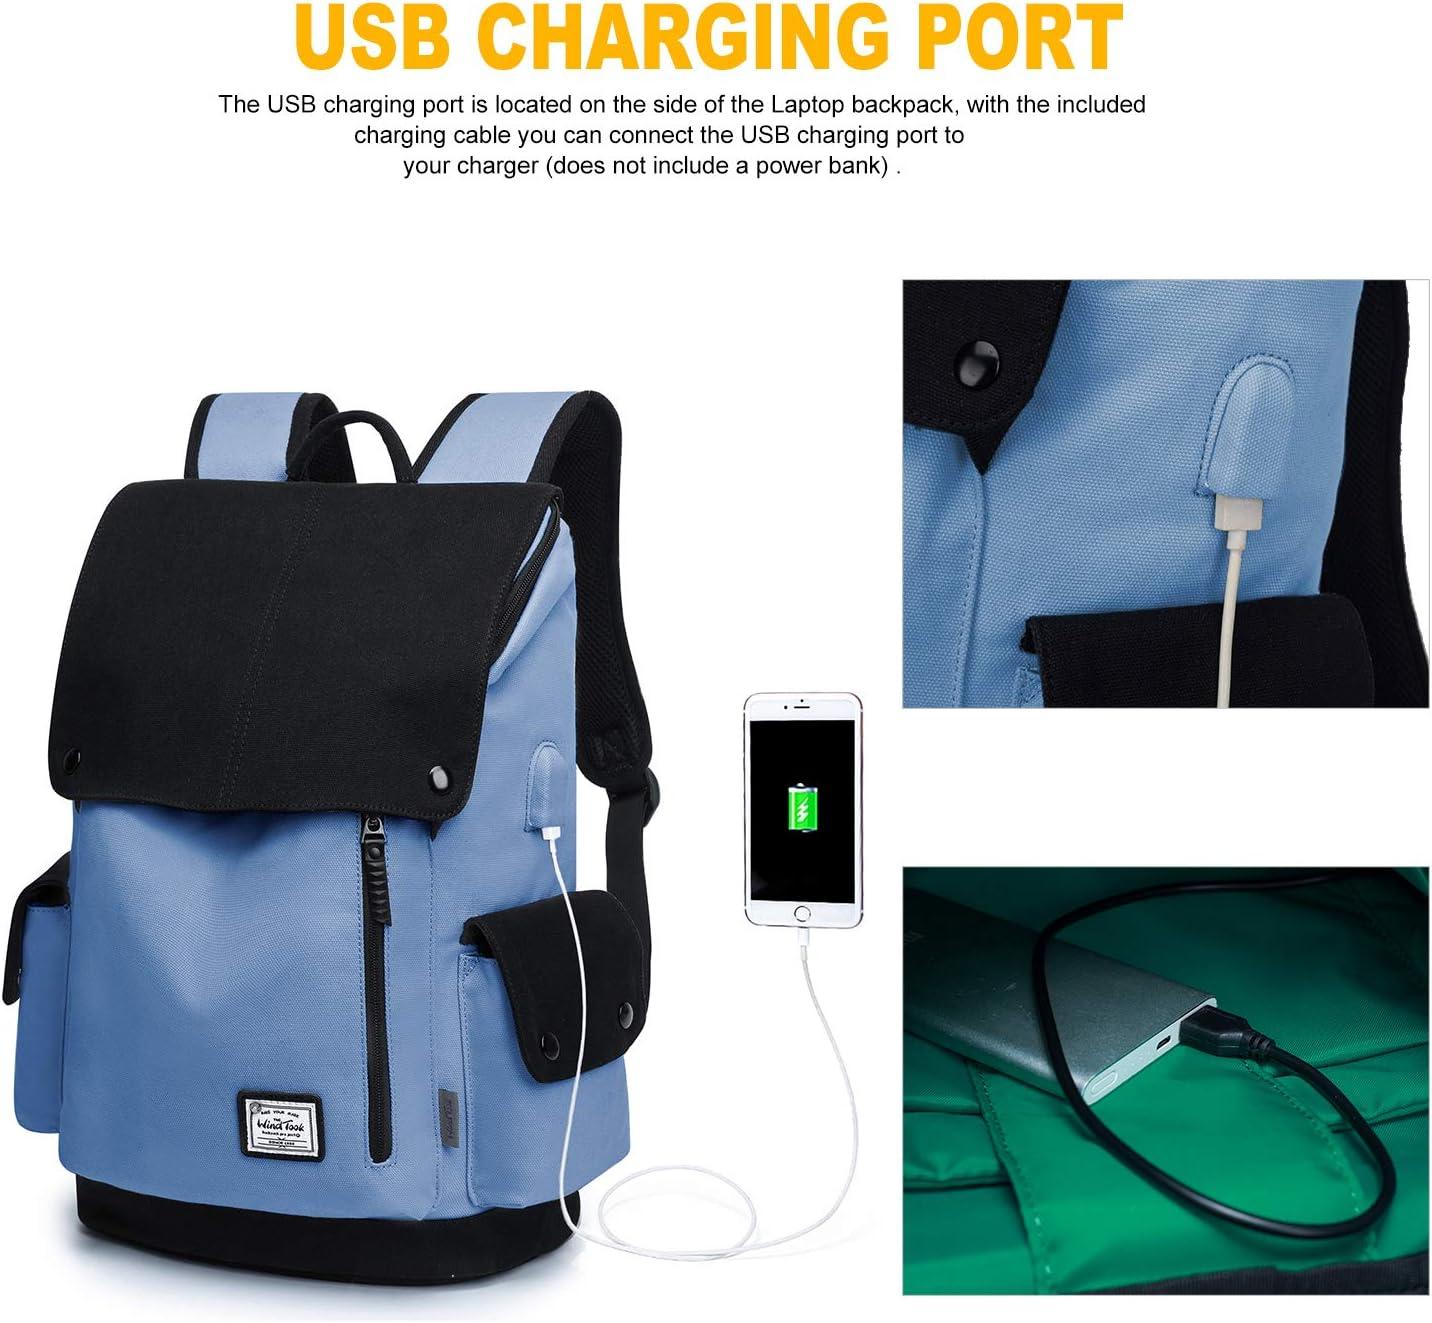 Wind Took Zaino Laptop Canvas Zaino portatile con porta USB Zaino Porta PC Impermeabile Zaino donna Unisex Zaini Sportivi da Casual Zaino scuola viaggio 15.6 pollice avorio